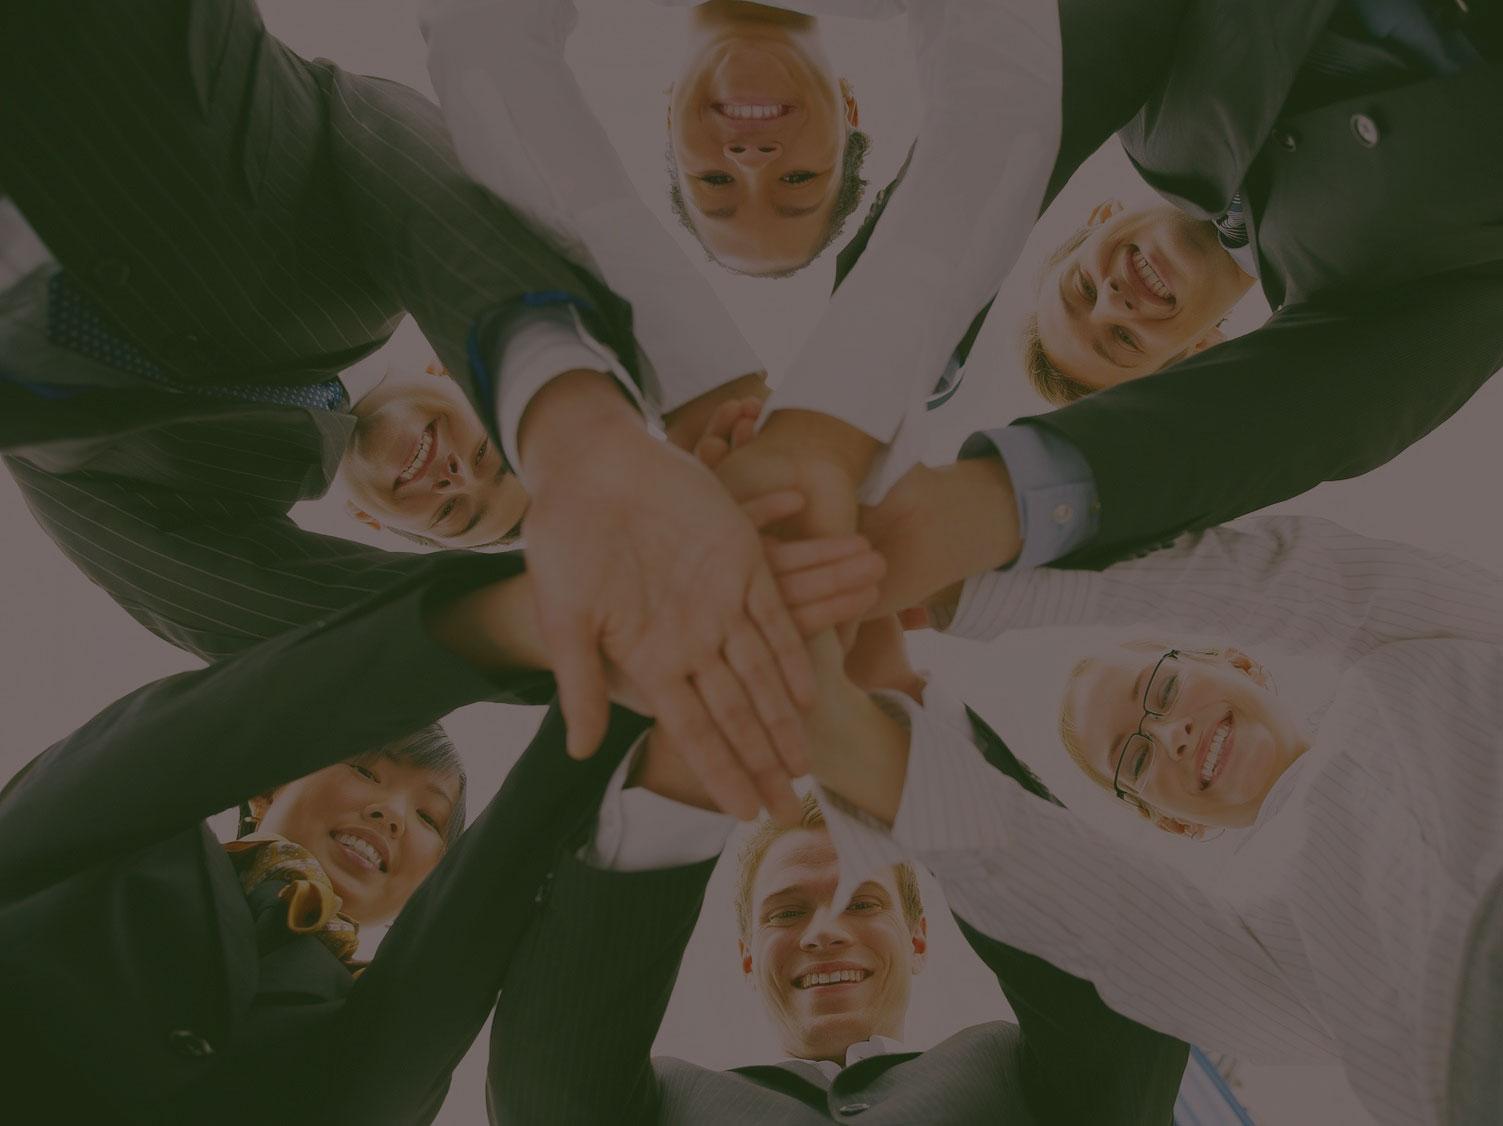 Somos un equipo de profesionales con conocimientos en diferentes áreas de negocio, que esperas para sumarte!